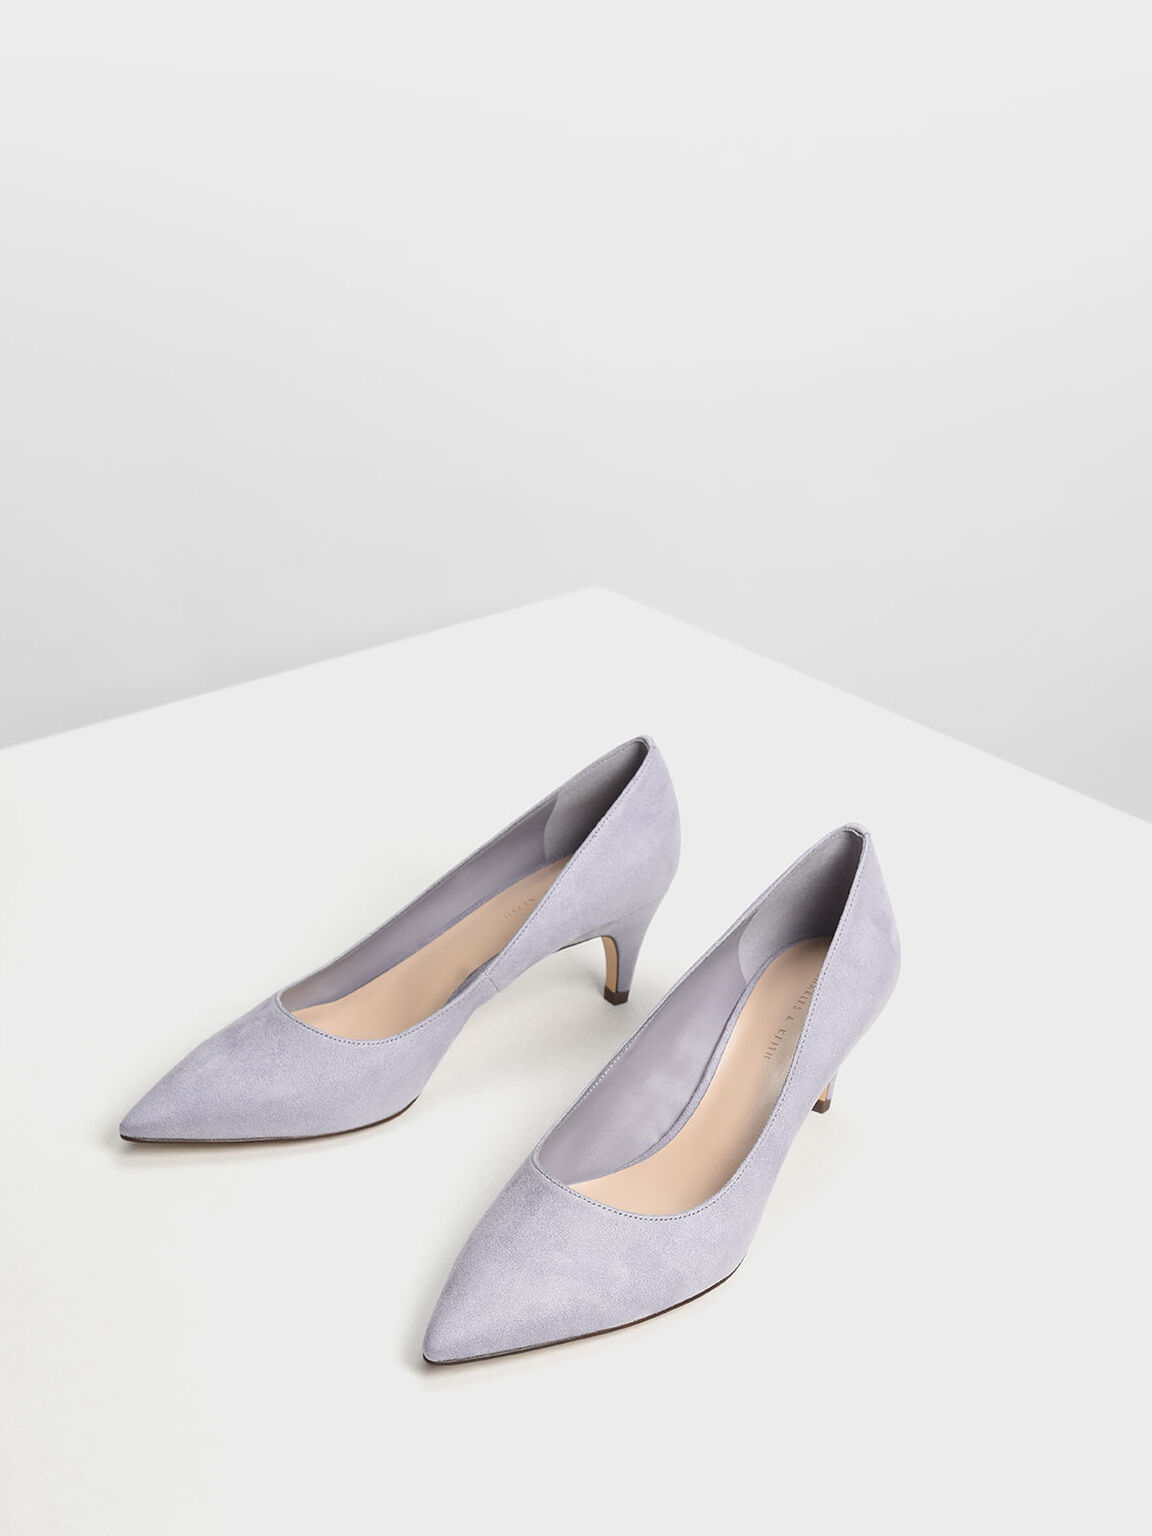 Classic Kitten Heel Pumps, Light Grey, hi-res